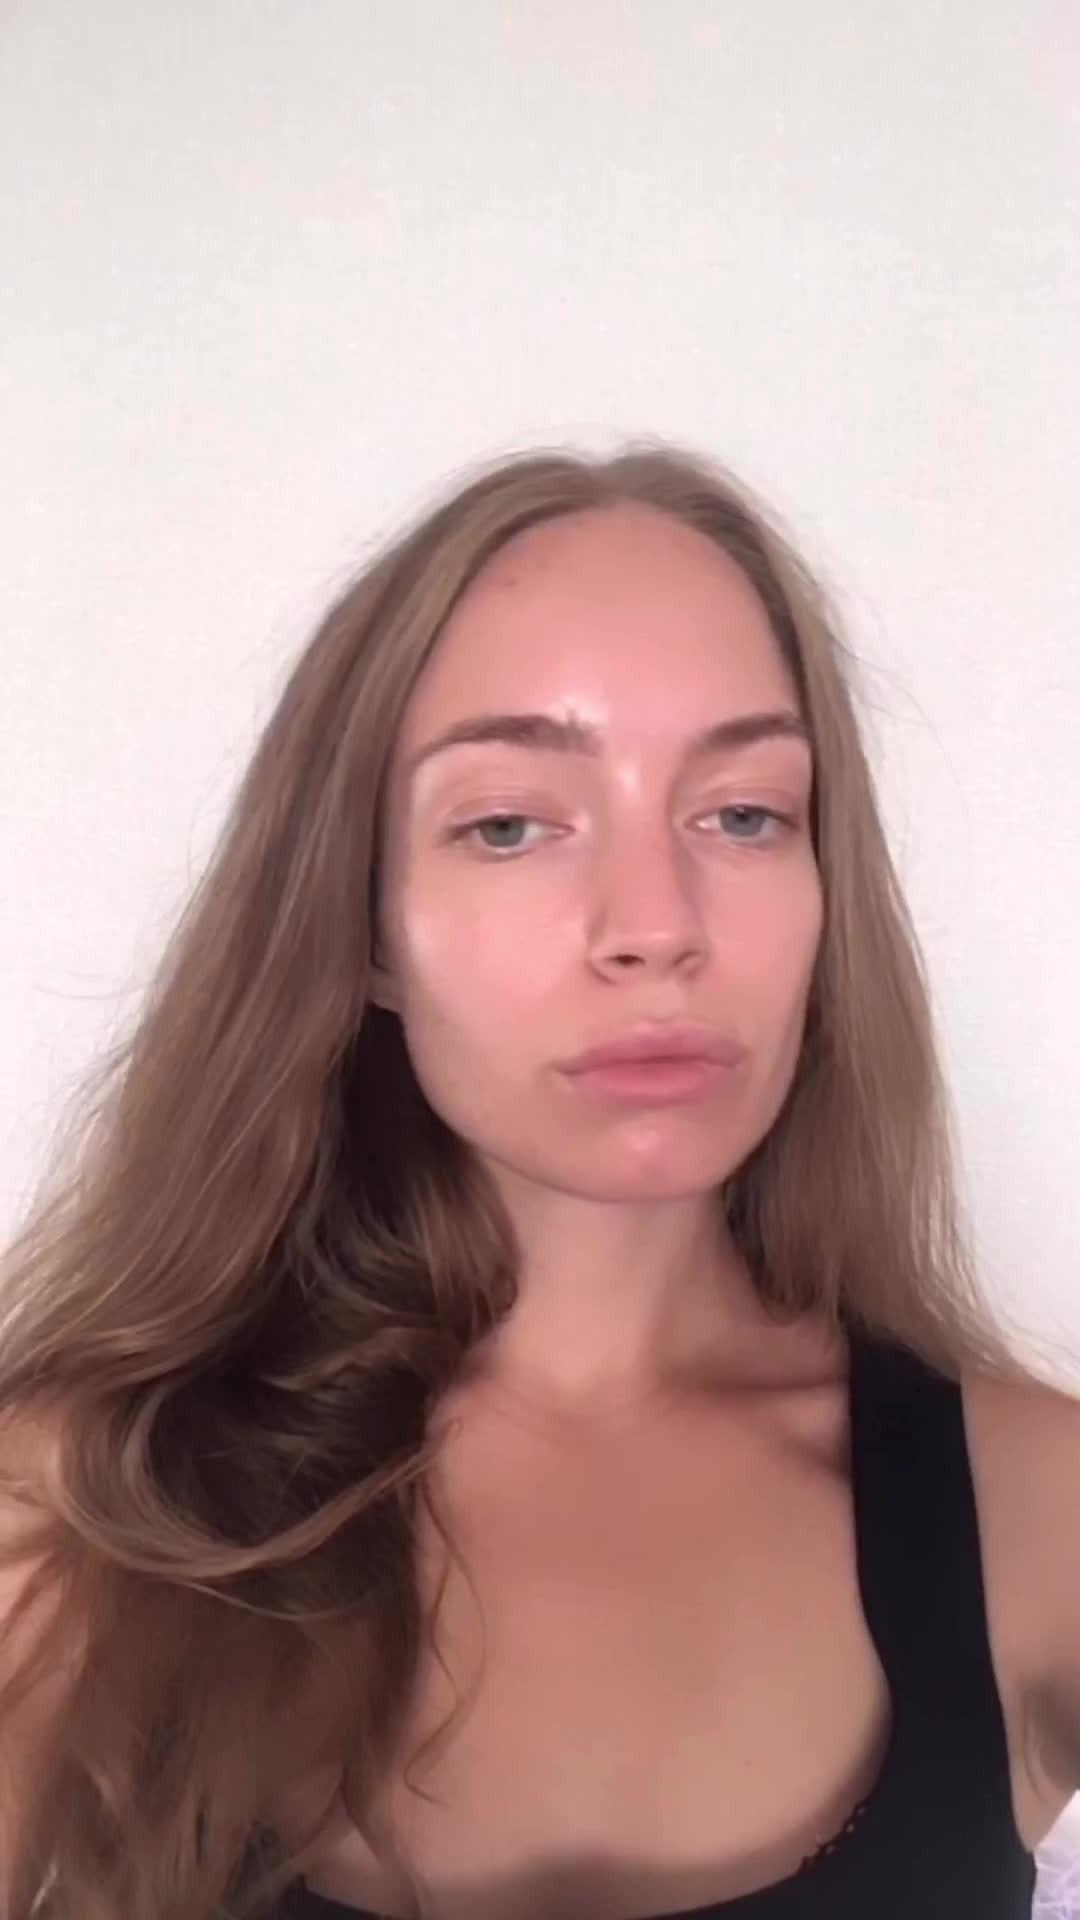 grishaeva.law Instagram filter Peaches-and-Сream